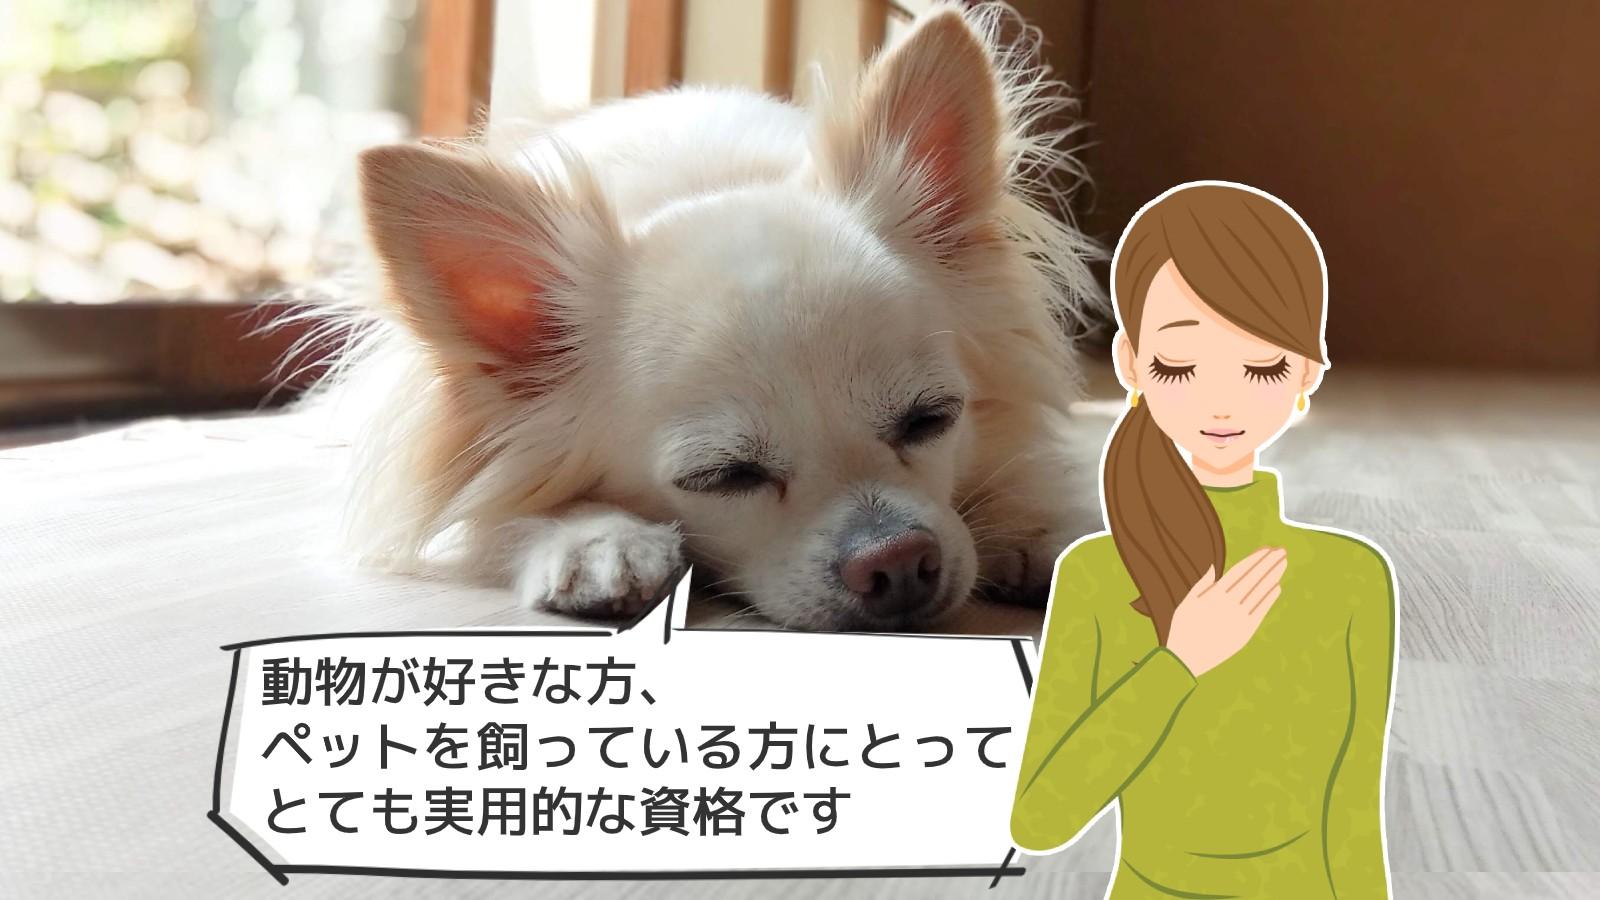 「動物介護資格」のアイキャッチ画像